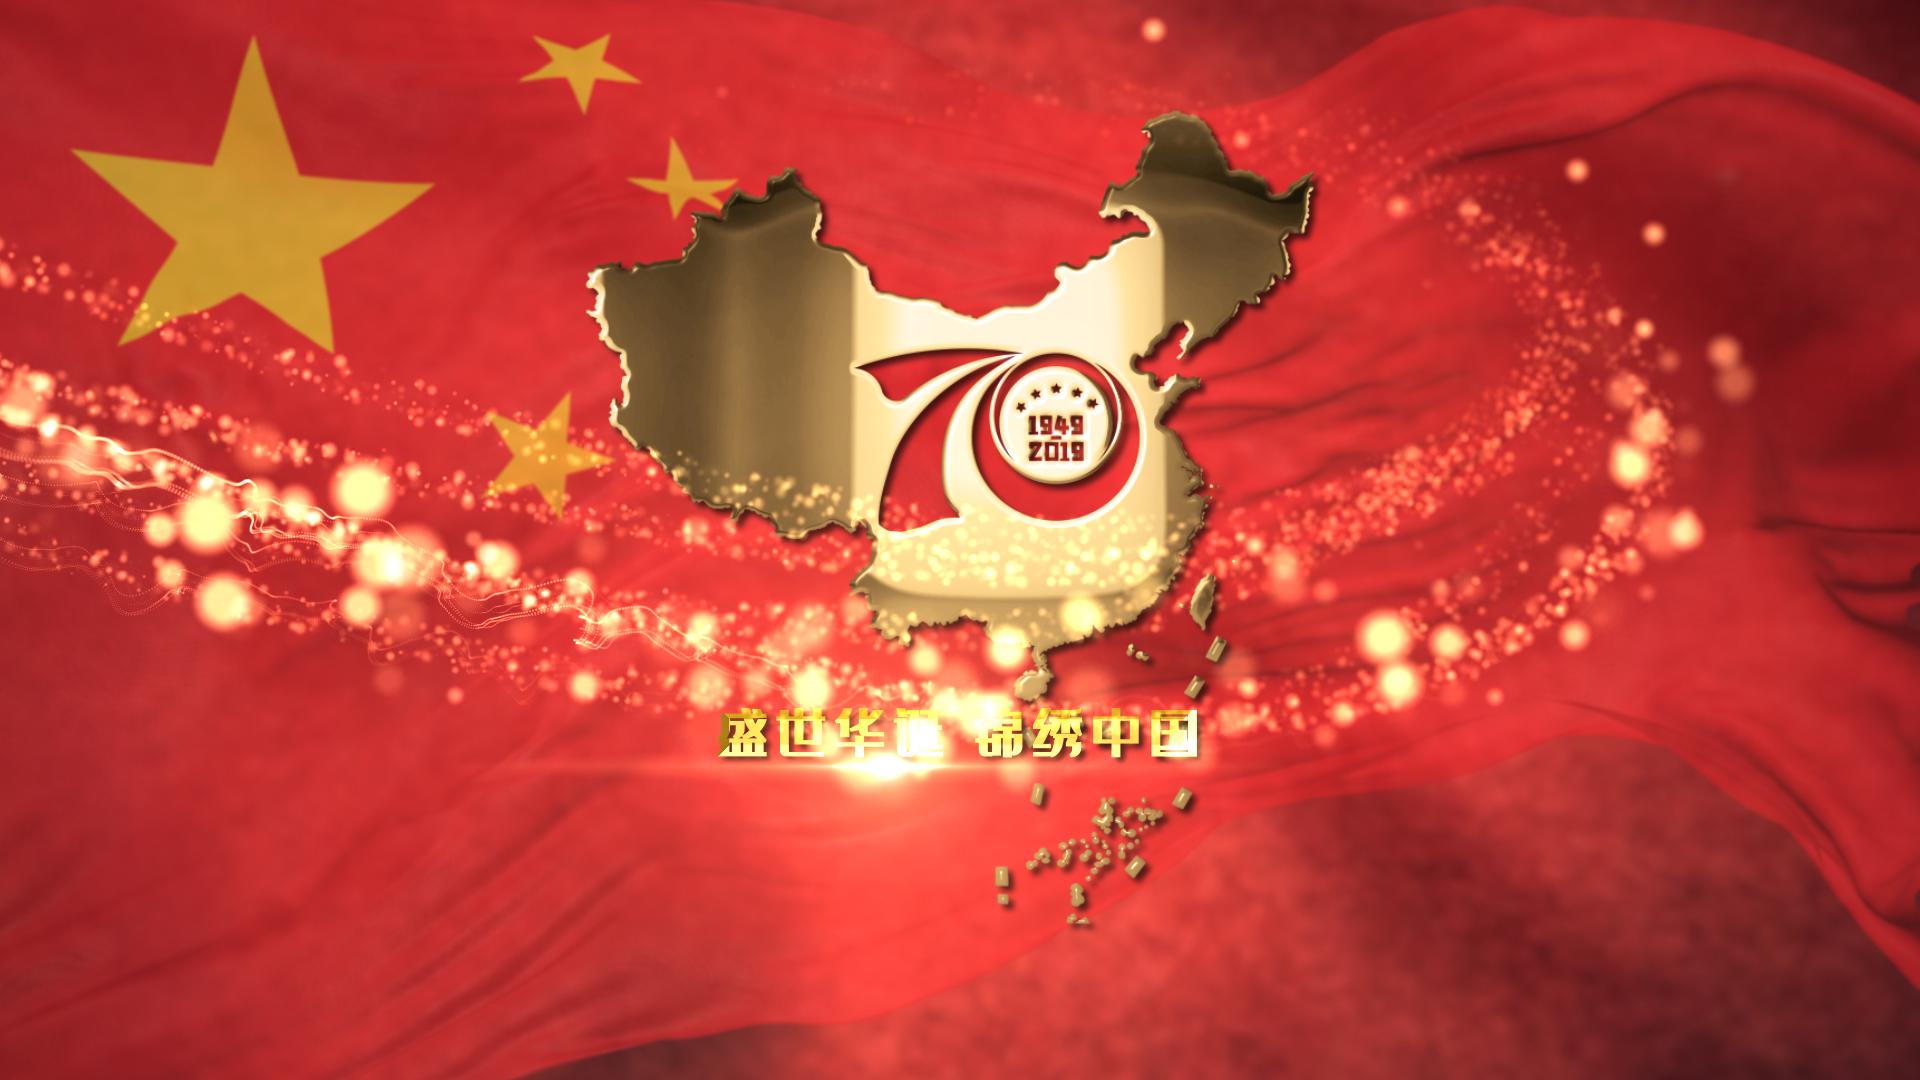 紅色十一國慶節ae模板